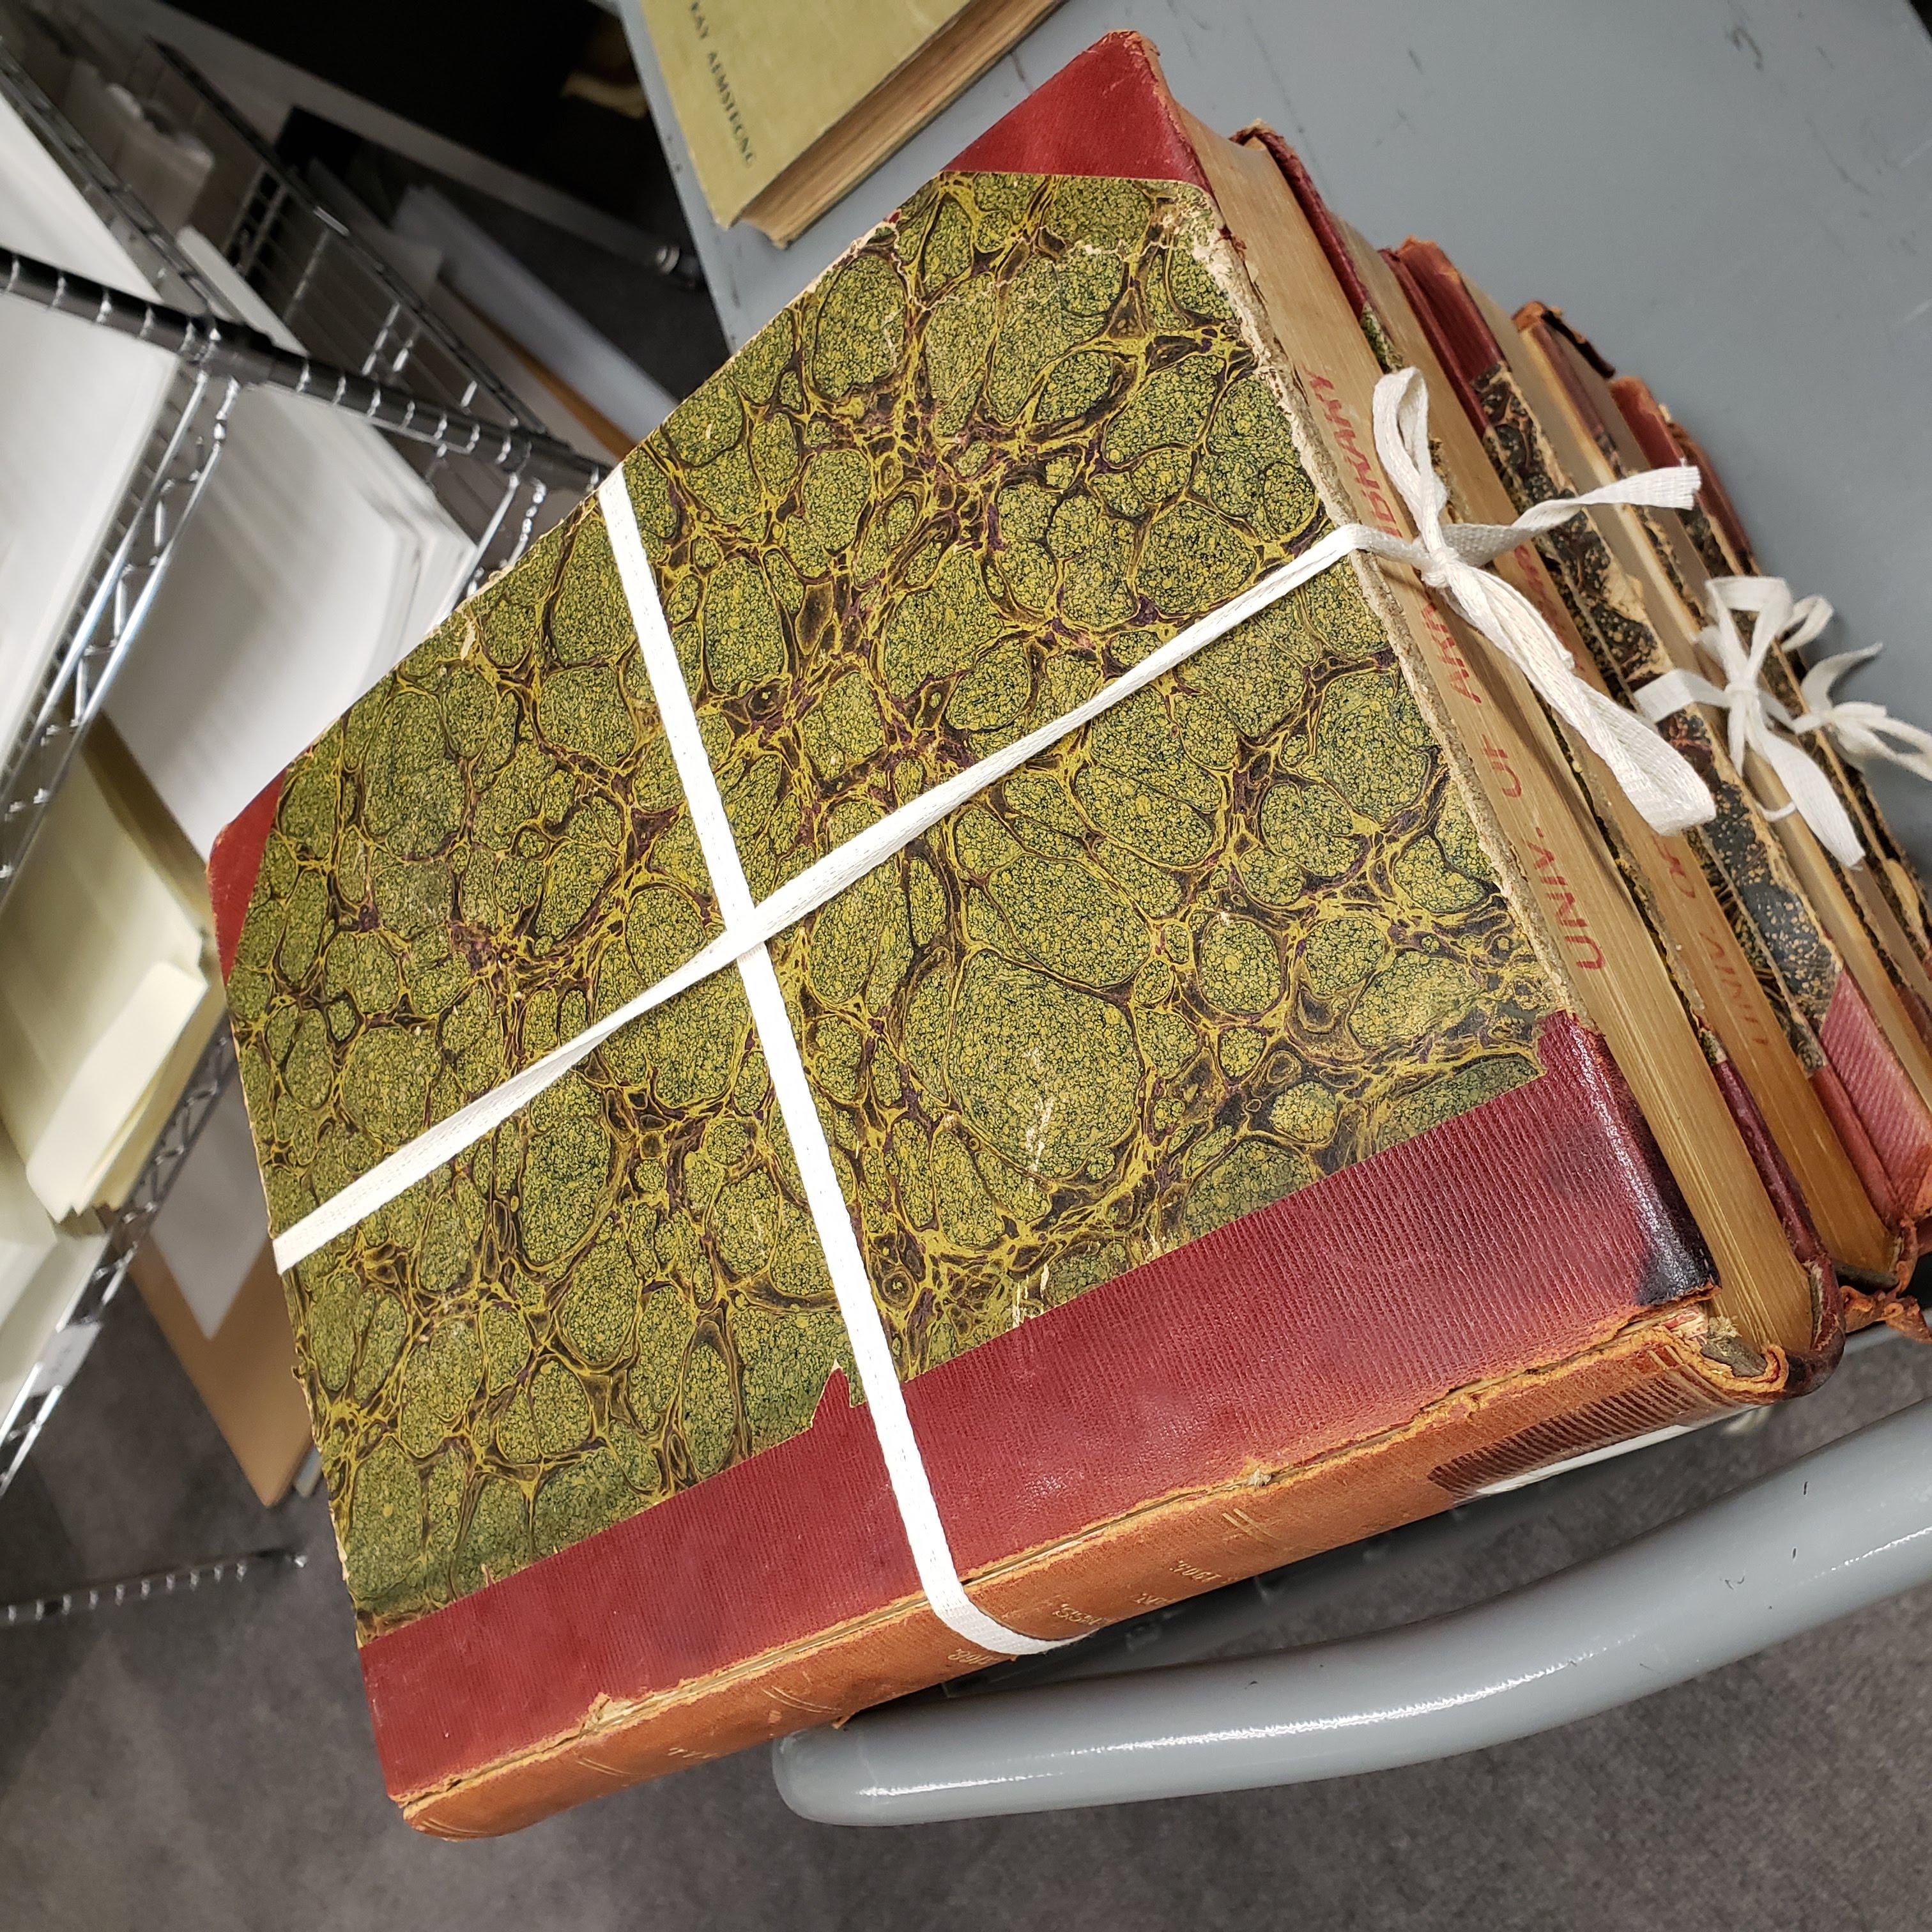 cloth ties around books